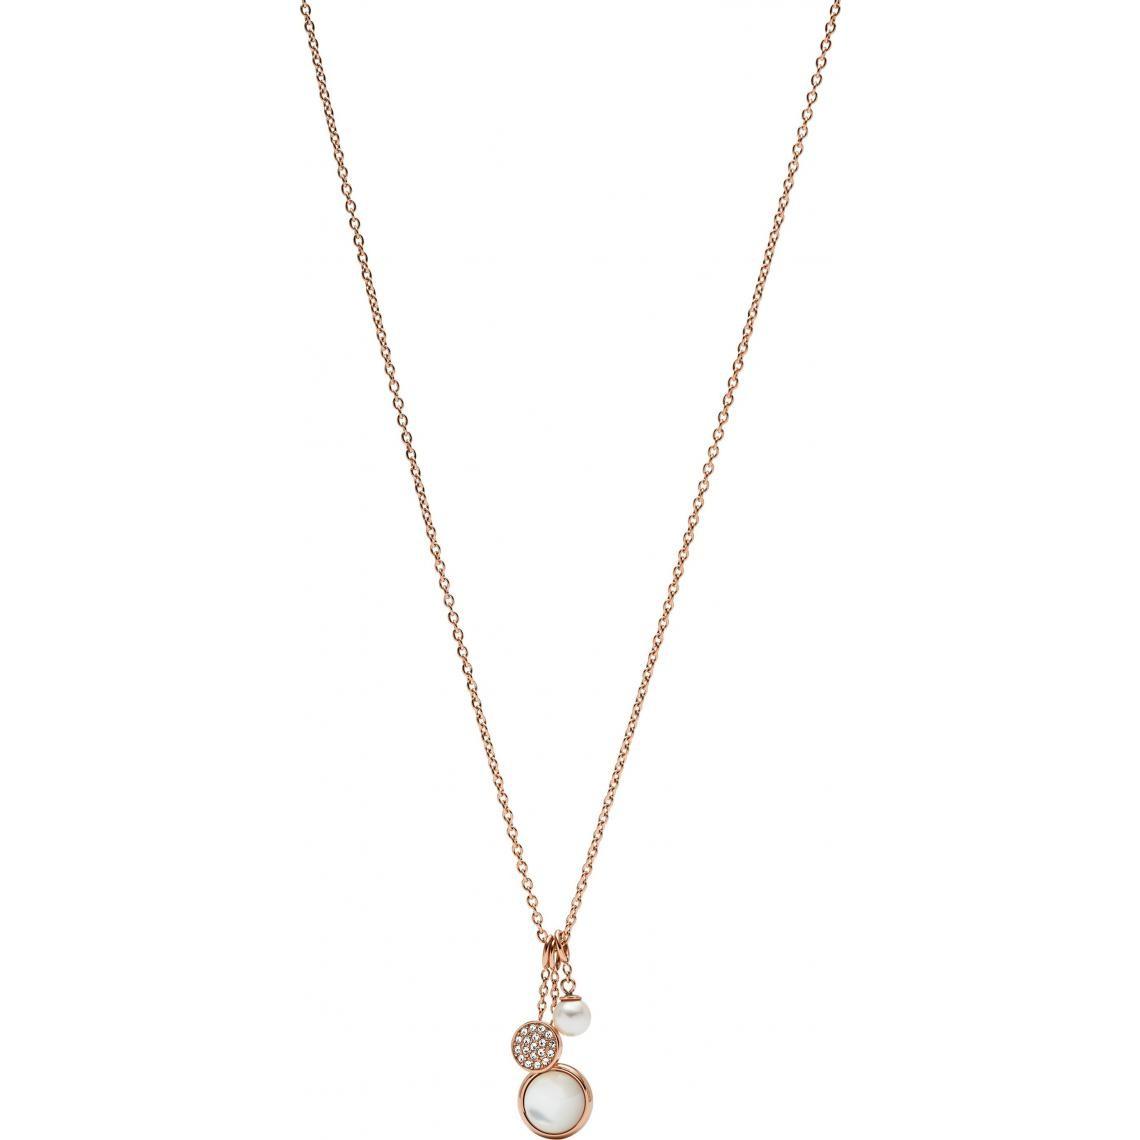 Bijoux Perles Collier Jf02960791 Synthétique Fossil Nacre Trois Cristaux Pendentif Pendentifs Et Blanche ZTXiOPku